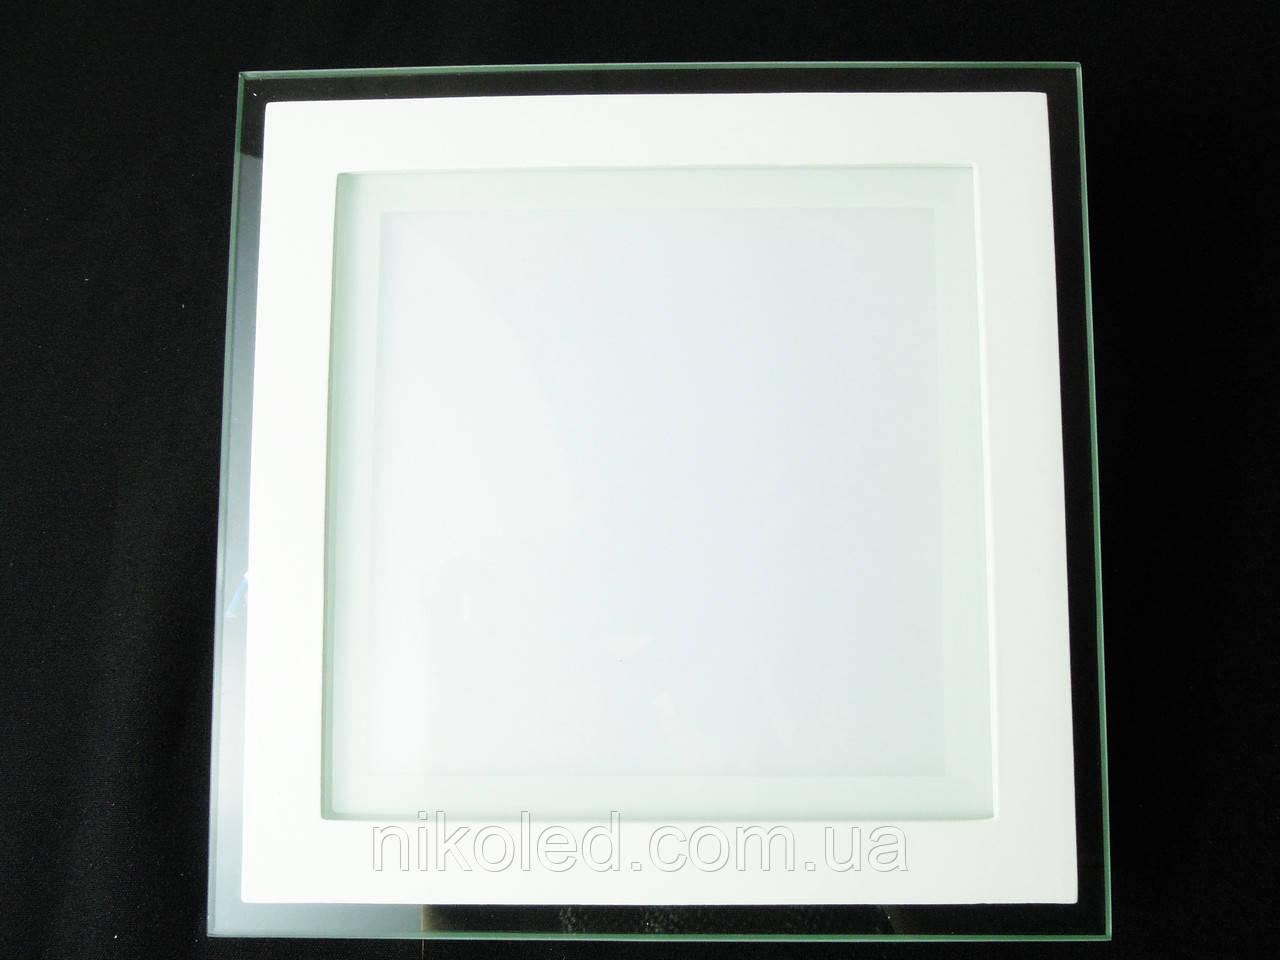 Светильник точечный Стекло LED 18W квадрат